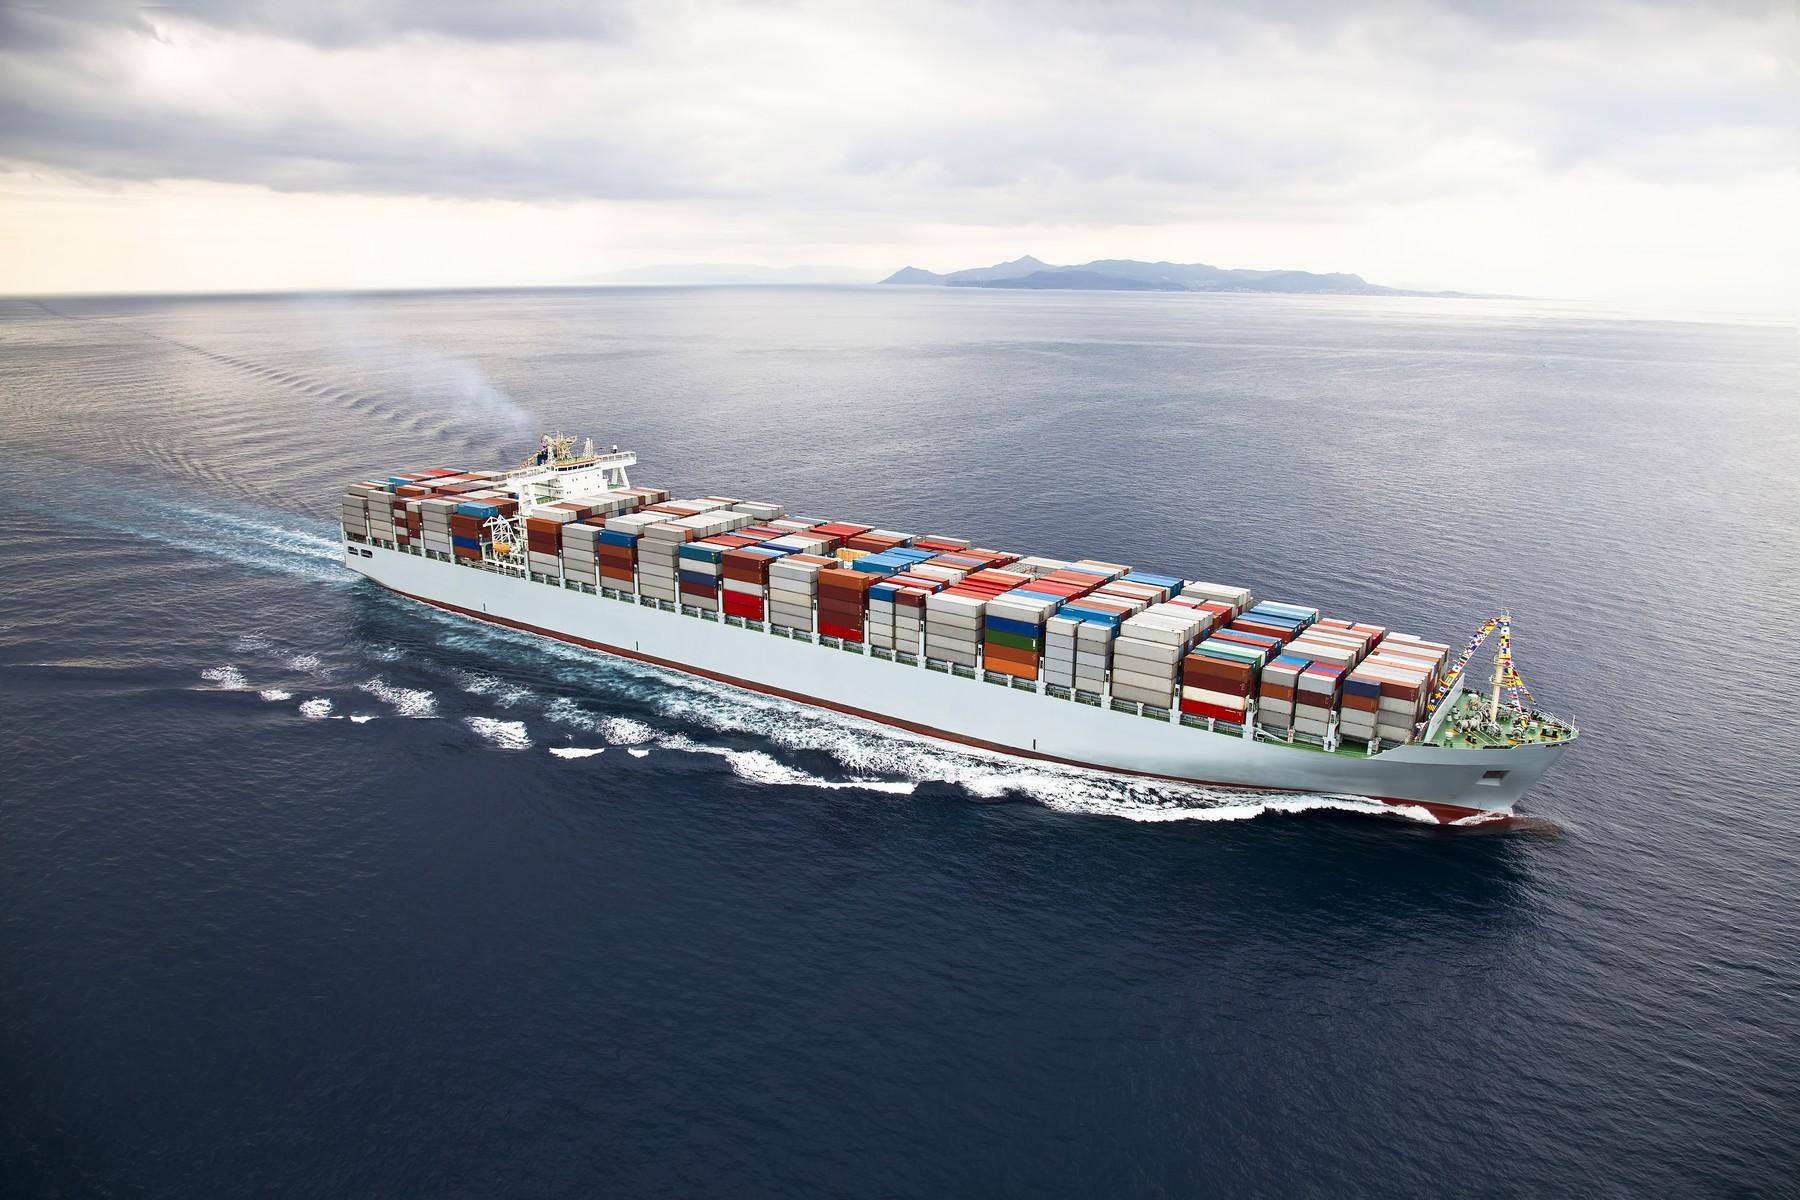 https://www.alliance.net.my/wp-content/uploads/2015/09/ship_on_sea.jpg